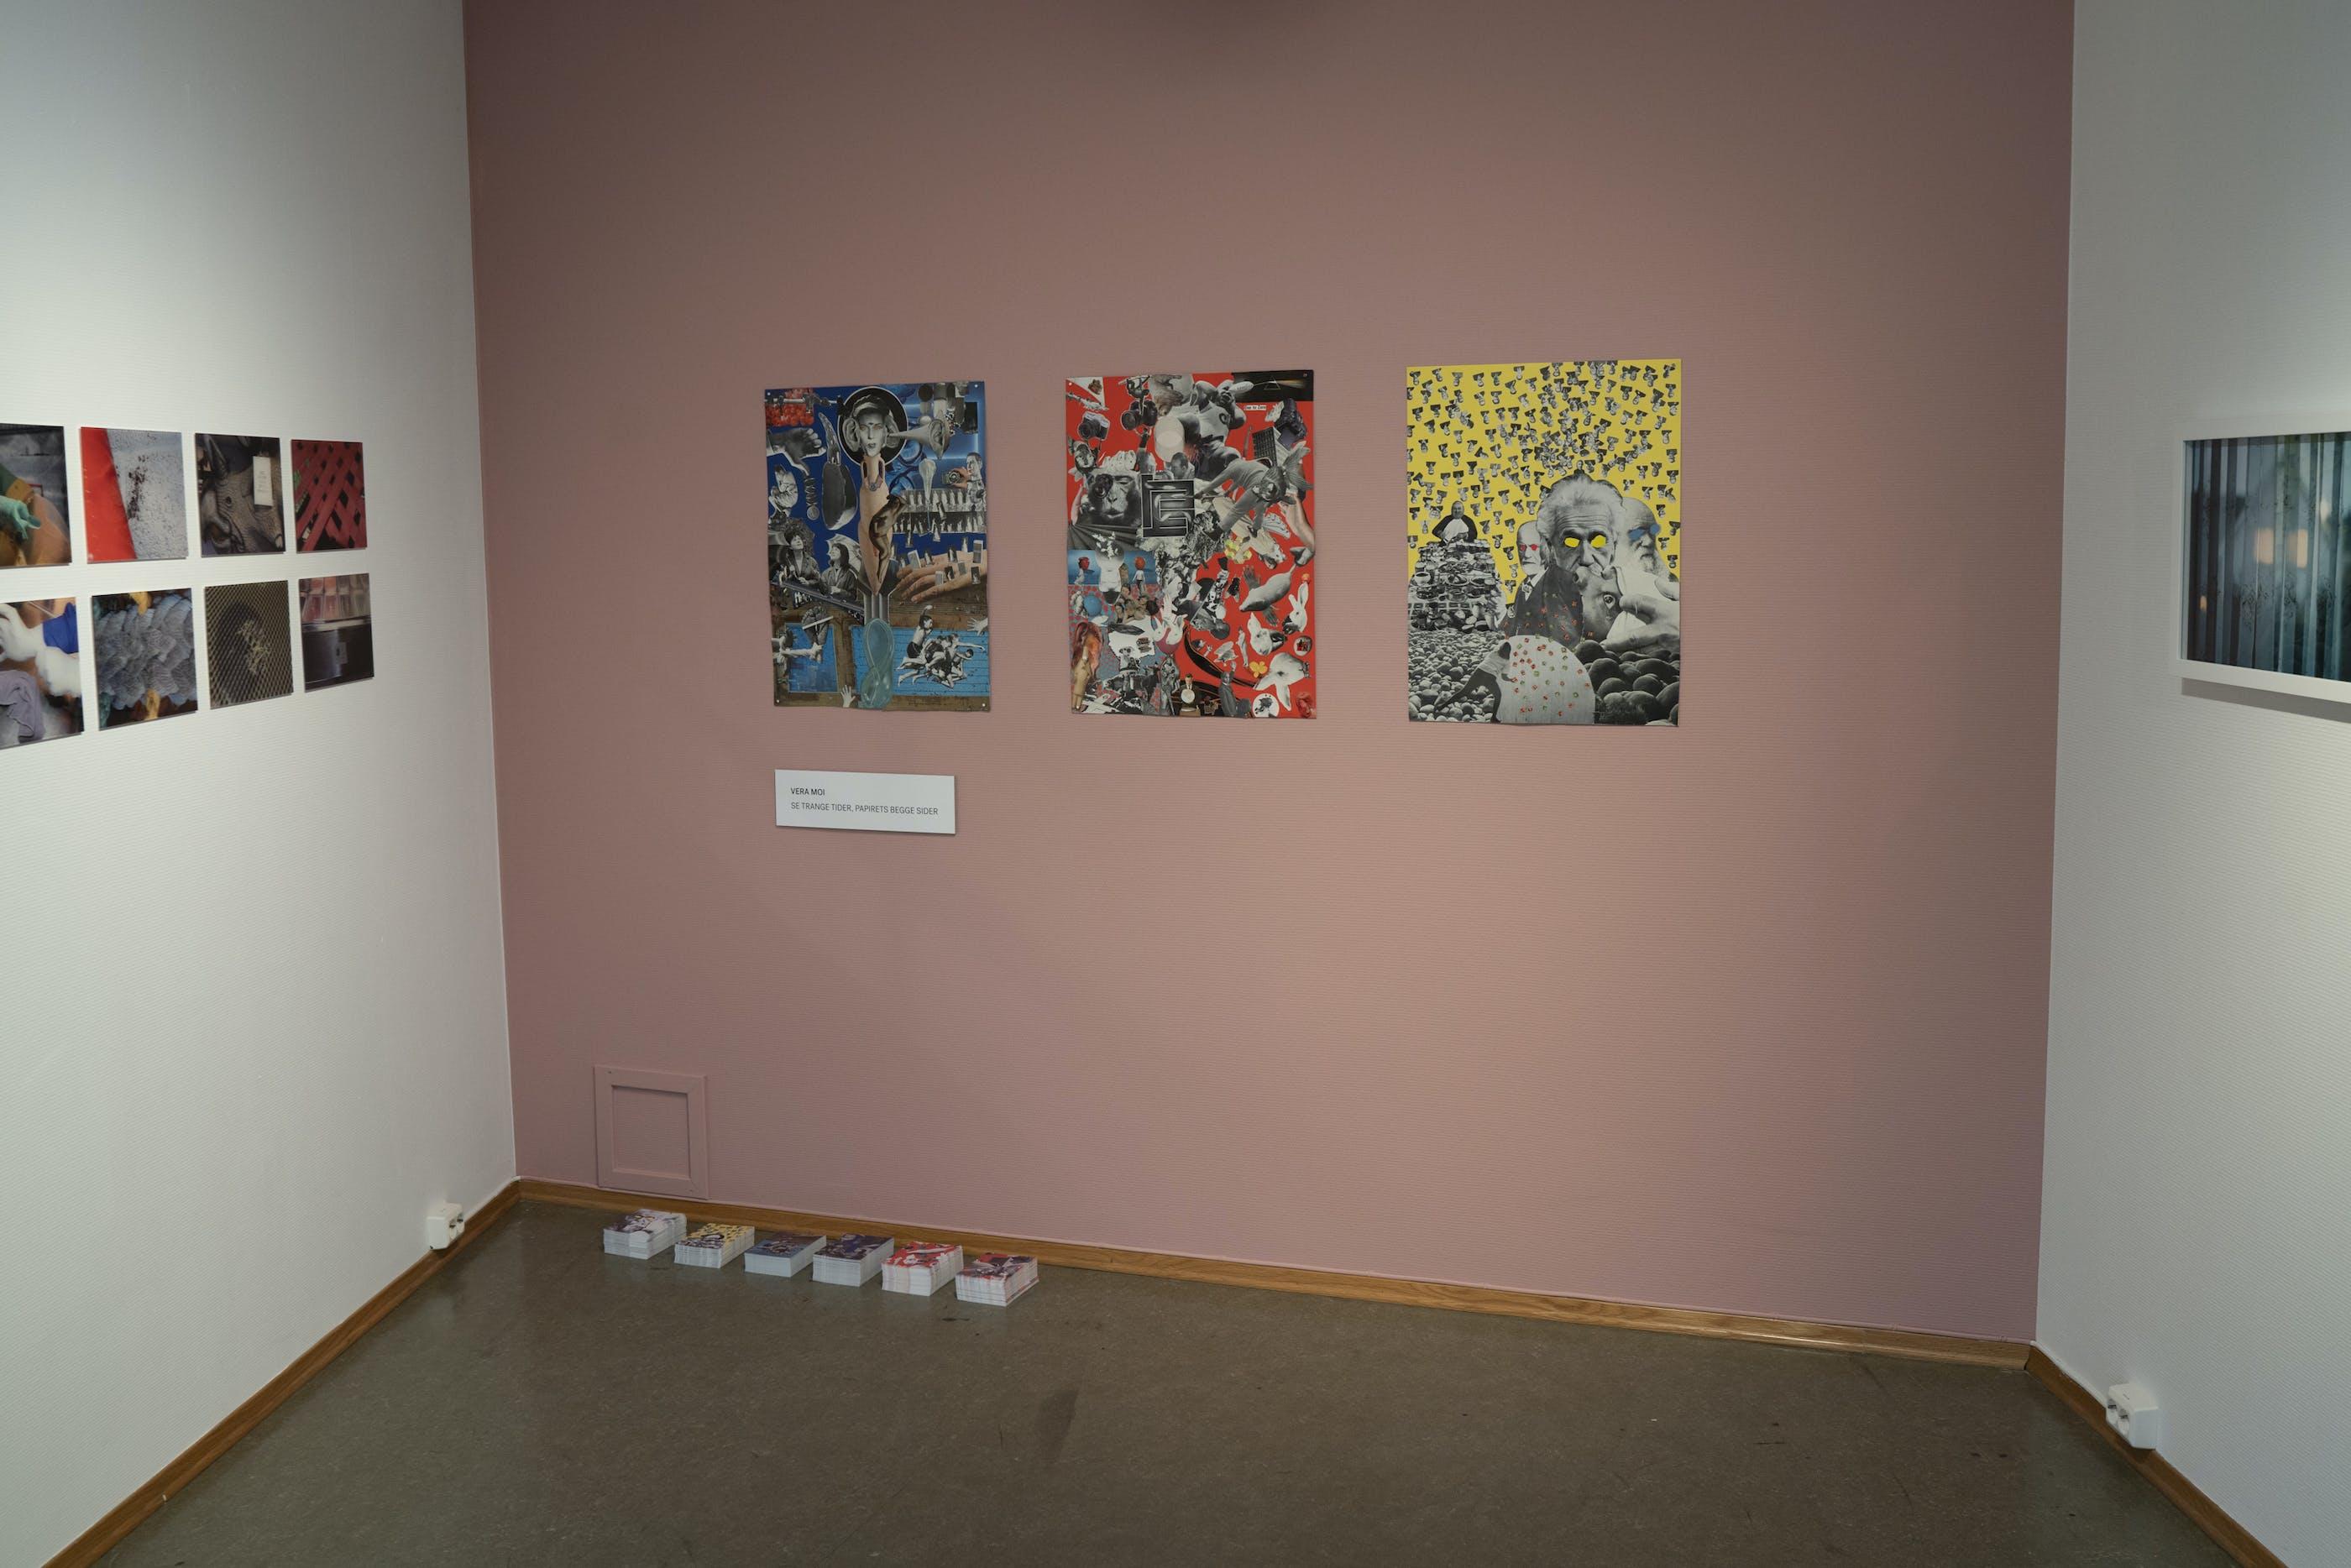 Henie Onstad Kunstsenter Mellom rom 008